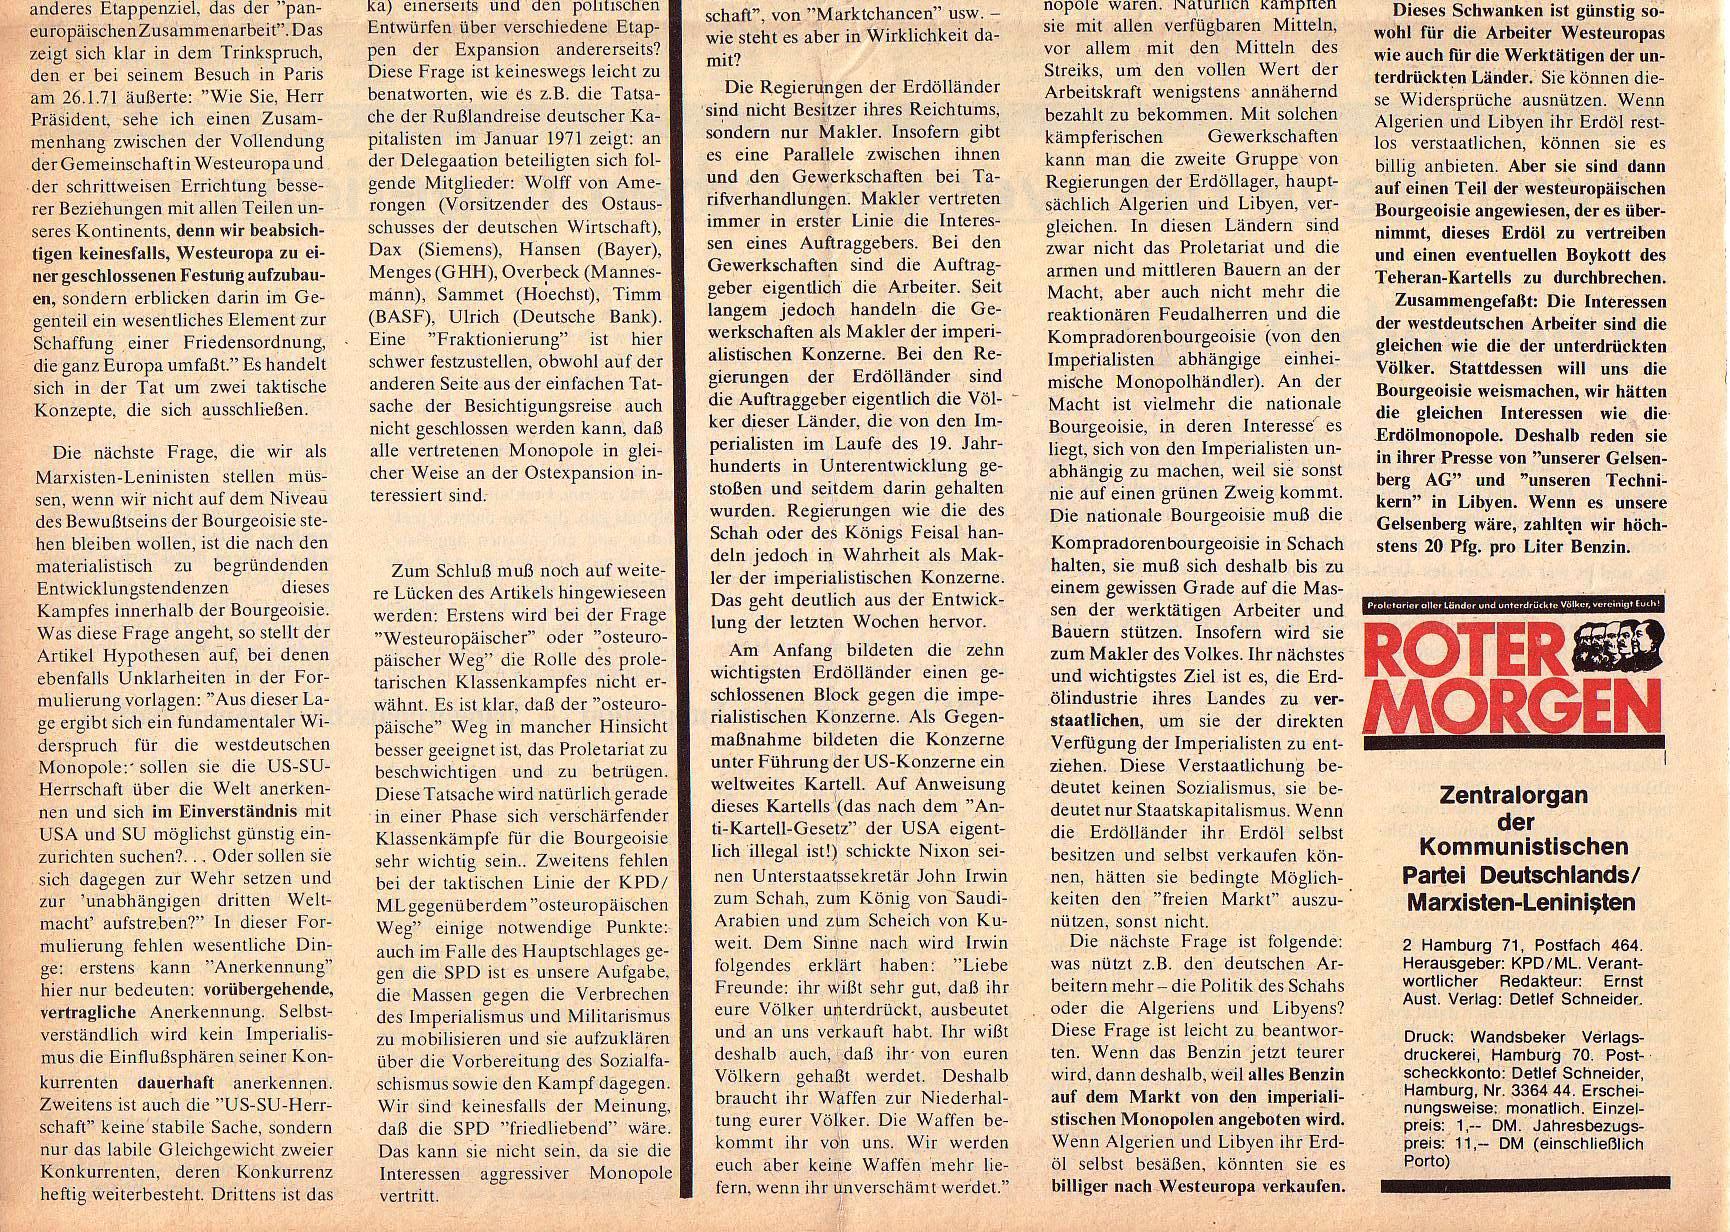 Roter Morgen, 5. Jg., März 1971, Nr. 3, Seite 8b